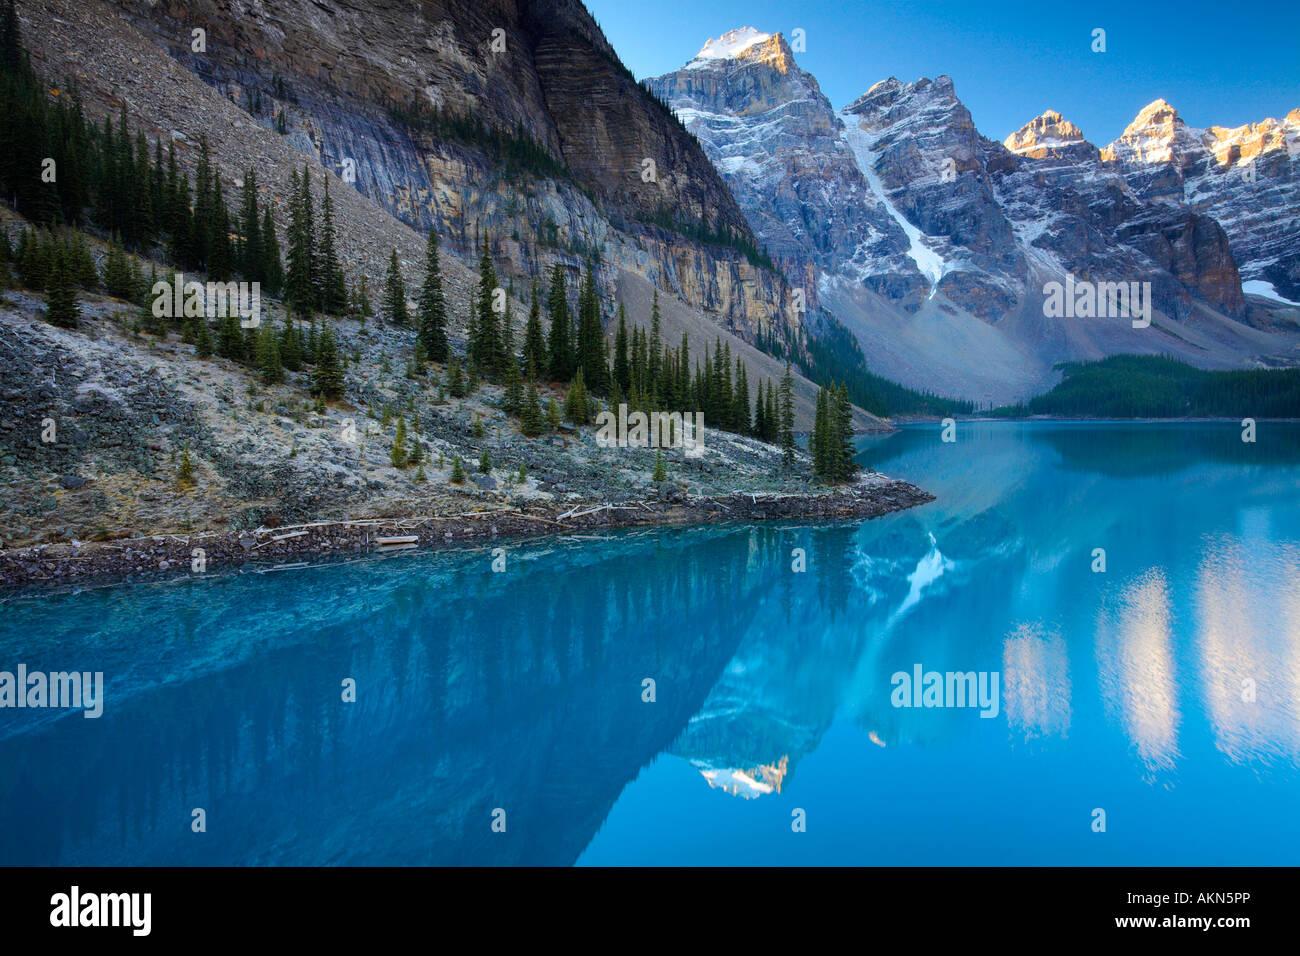 Les eaux bleu spectaculaire au lac Moraine, dans le parc national Banff, Canada Photo Stock